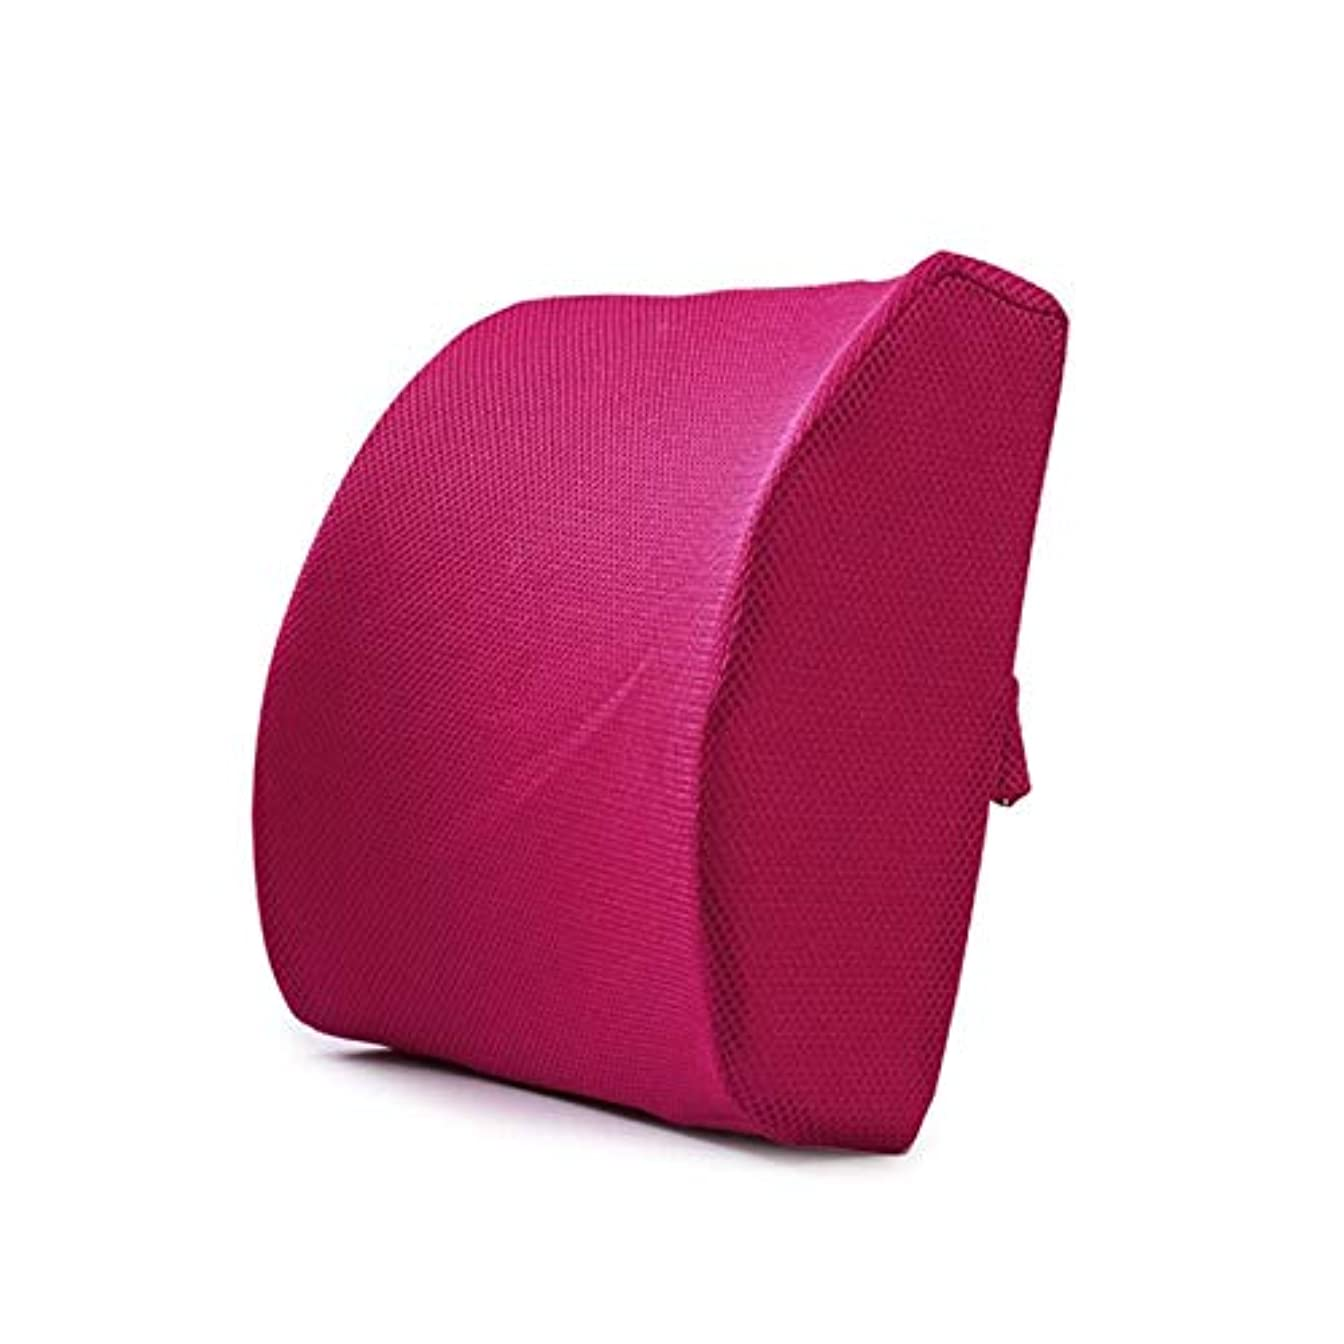 専門内なるカウンタLIFE ホームオフィス背もたれ椅子腰椎クッションカーシートネック枕 3D 低反発サポートバックマッサージウエストレスリビング枕 クッション 椅子